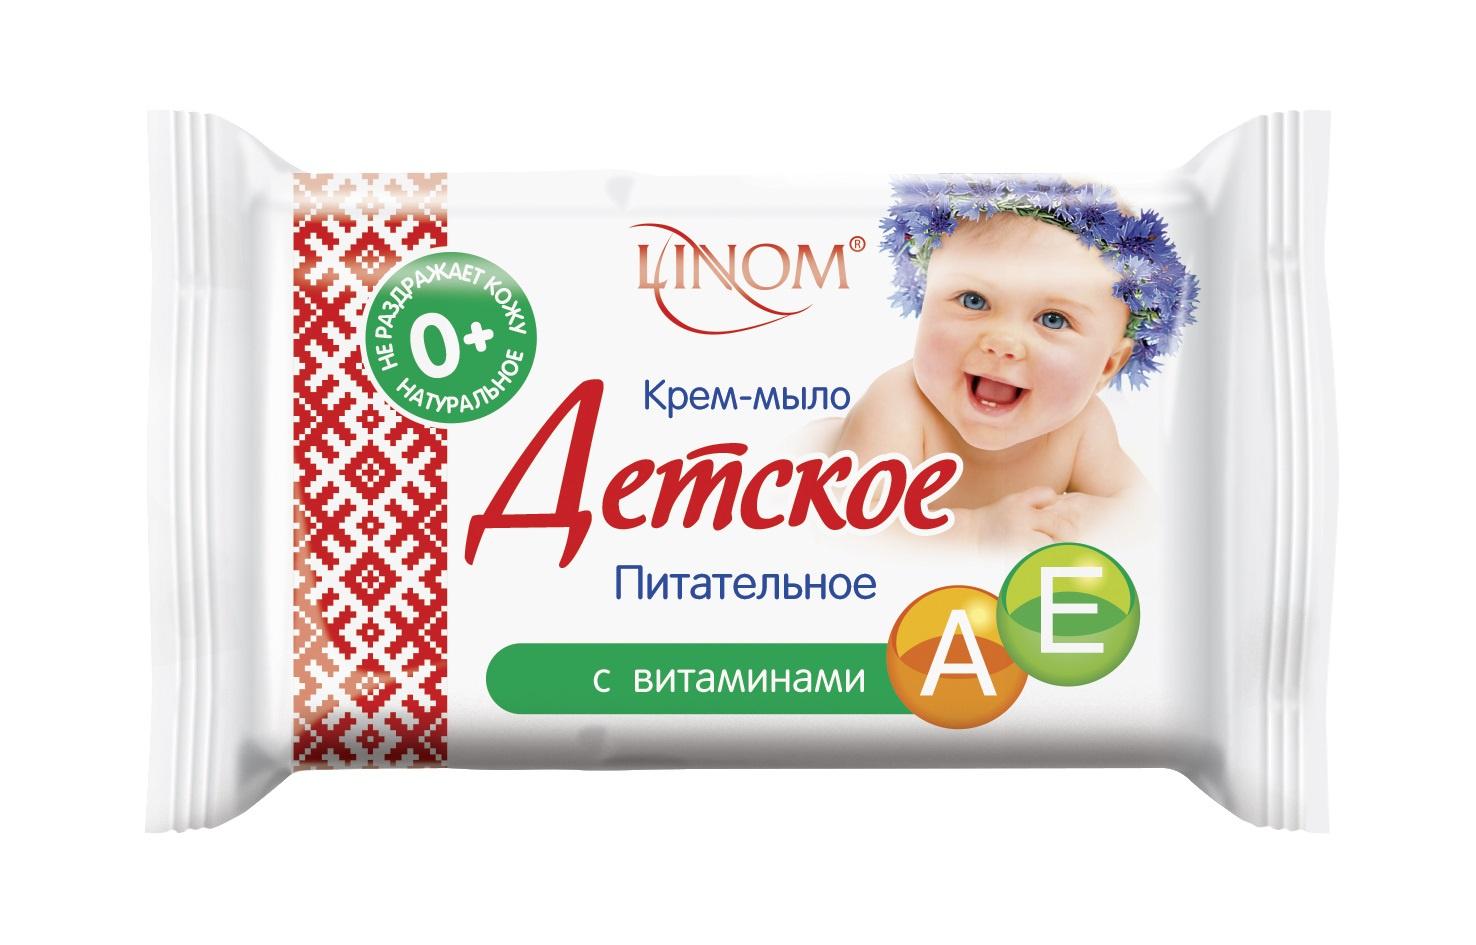 """Мыло туалетное LINOM """"Питательное"""" с витаминами А и Е. Детское. Натуральное."""